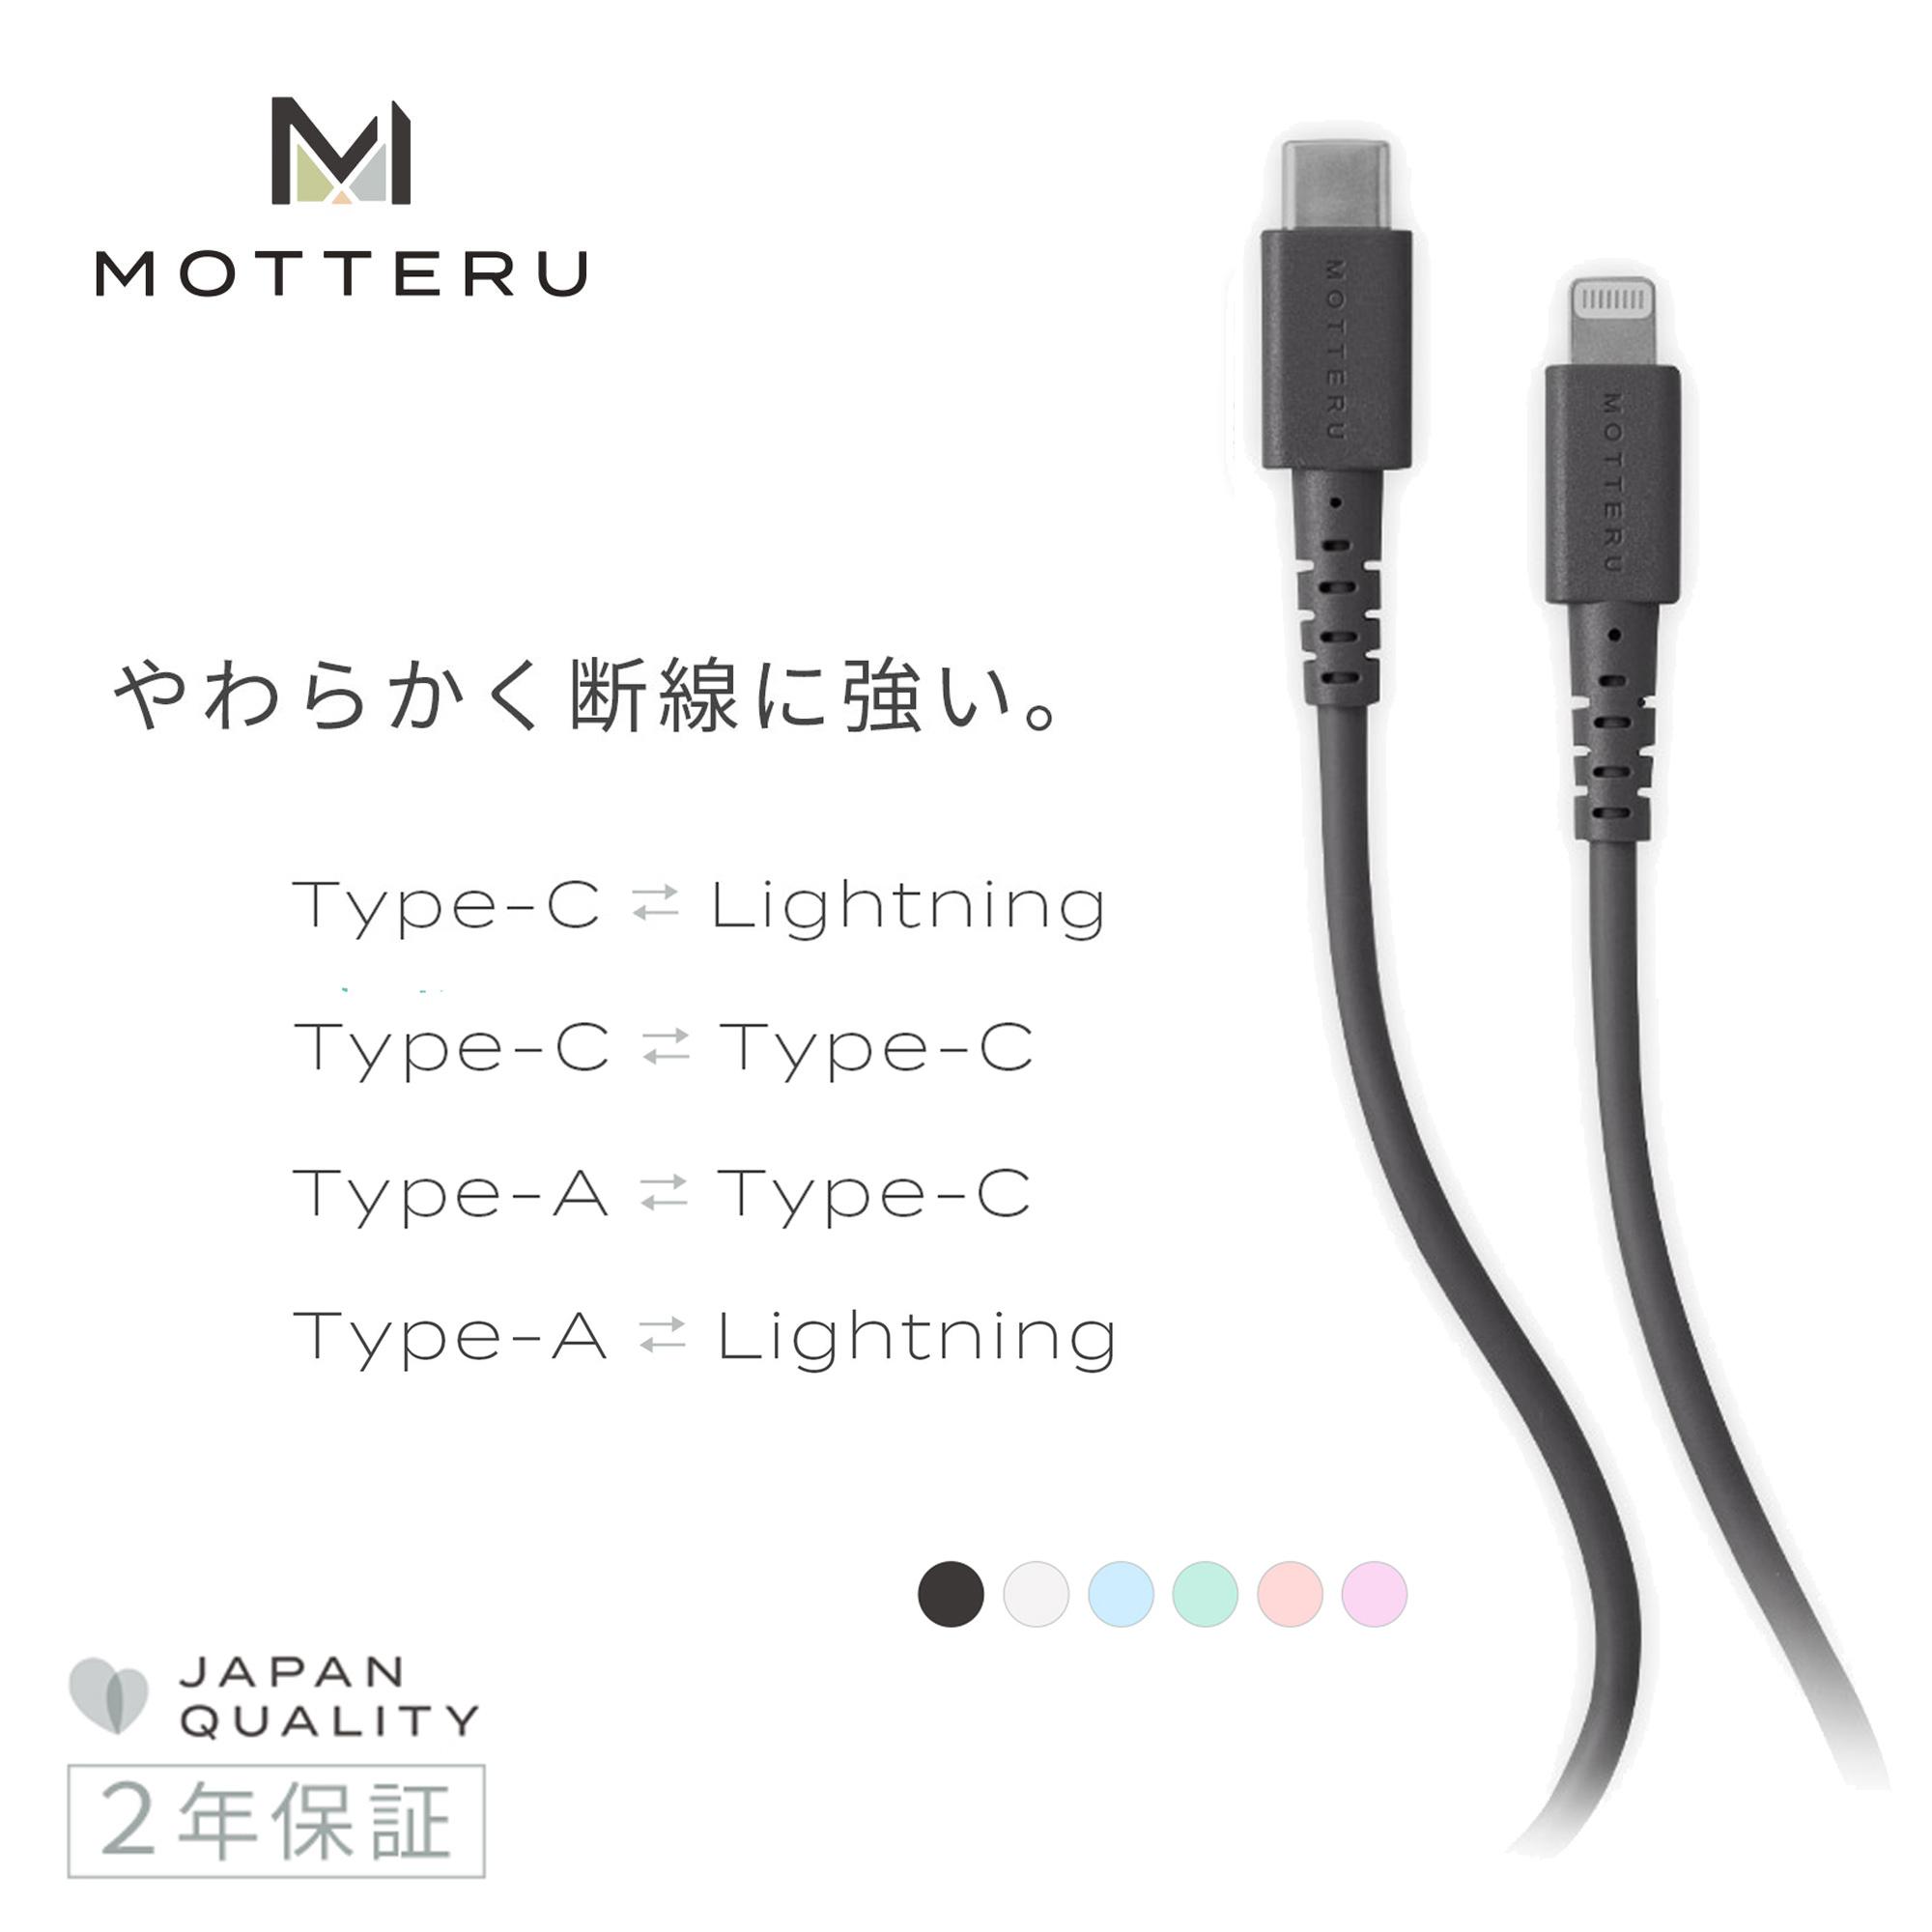 「充電ができれば何でもいい」と思っている方に使って欲しい充電ケーブル「airy510シリーズ」カラバリ6色・48種類を新発売